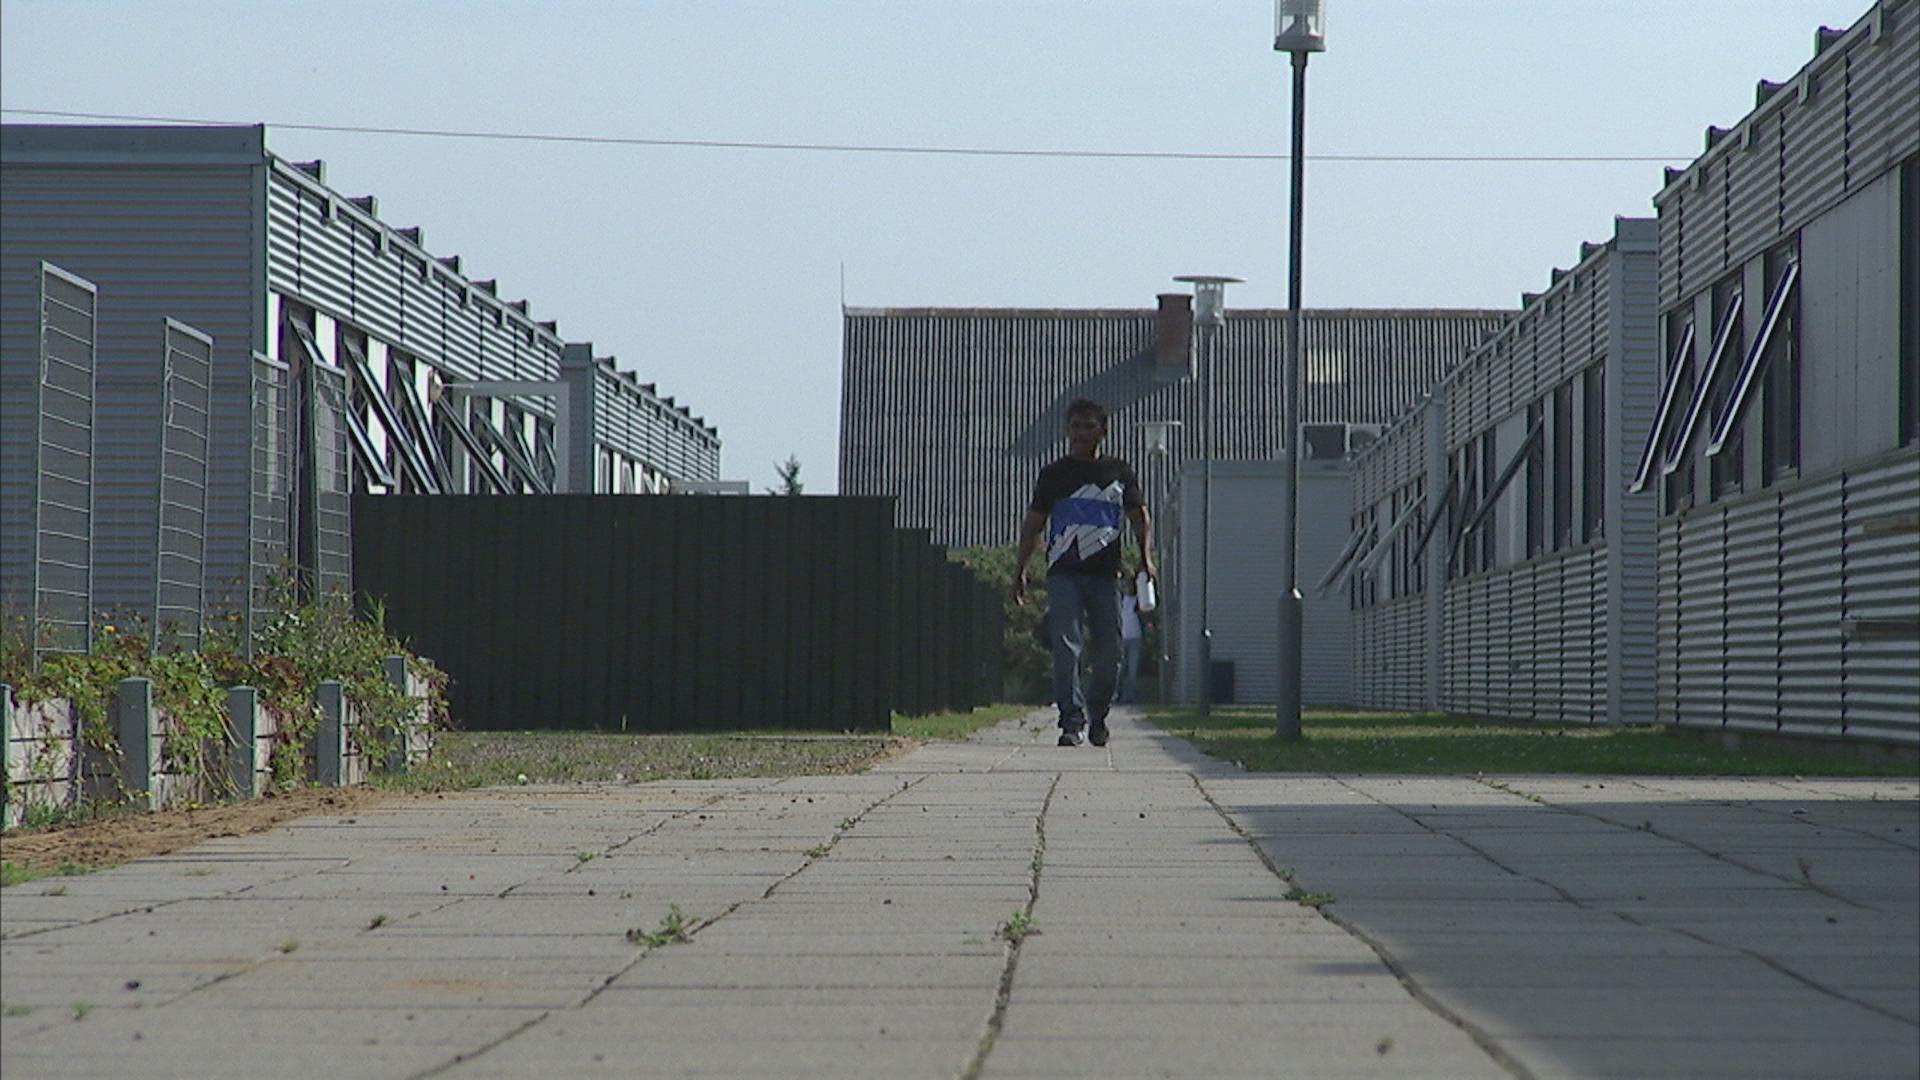 Asylcenter Hanstholm er et af de steder, hvor man oplever, at der nogle gange er beboere, der forsvinder.